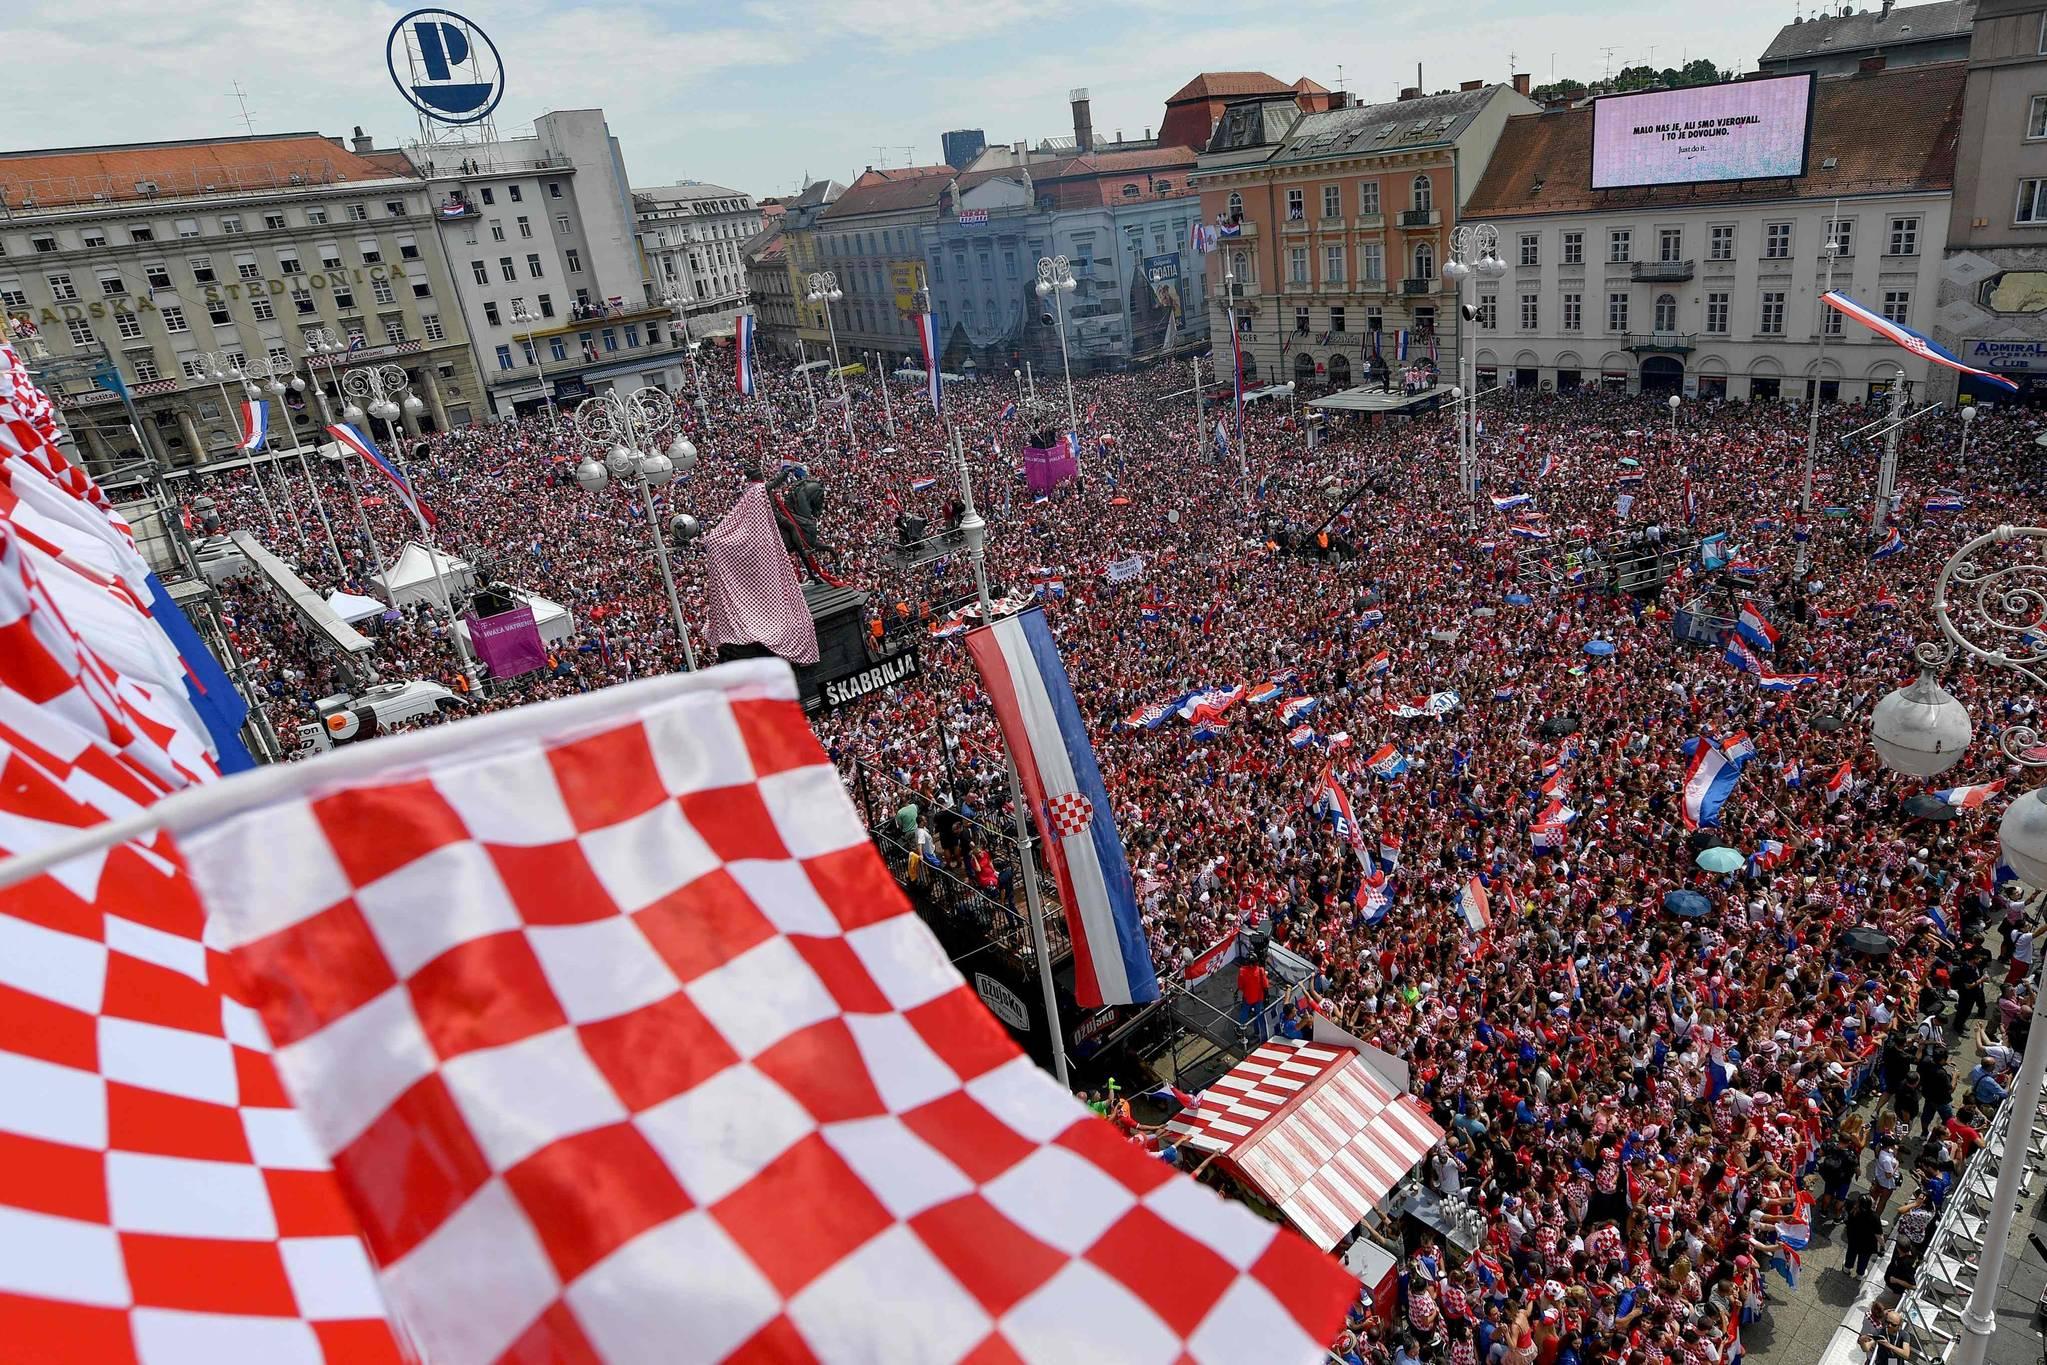 16일(현지시간) 자그레브 광장에 모인 크로아티아 시민들이 국기를 흔들며 대표팀을 환영하고 있다. [AFP=연합뉴스]